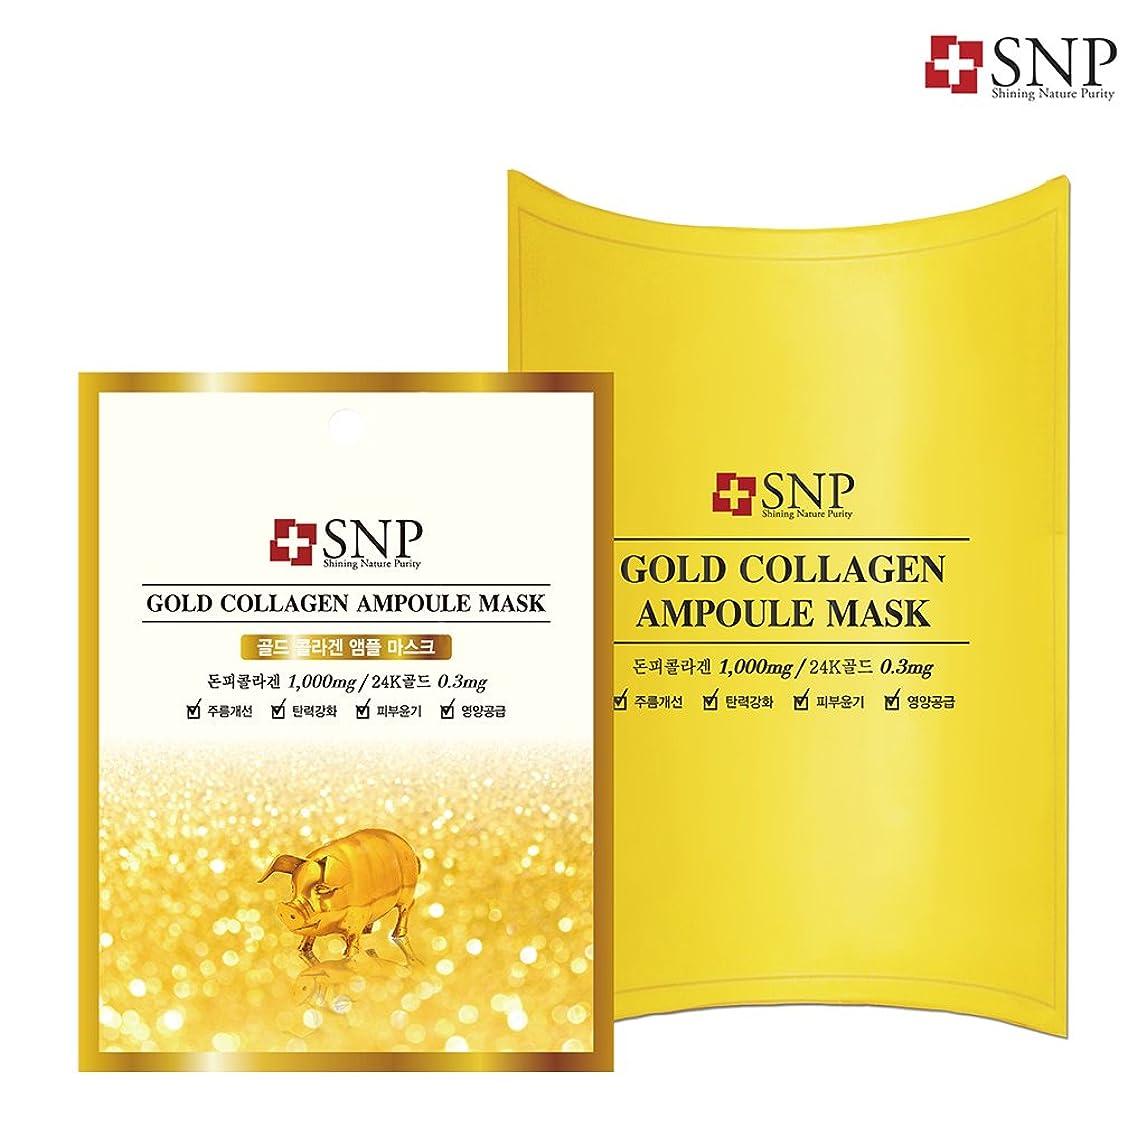 血統反響する専門知識SNP ゴールド コラーゲン アンプル マスク 10枚/GOLD COLLAGEN AMPOULE MASK 10EA[海外直送品]